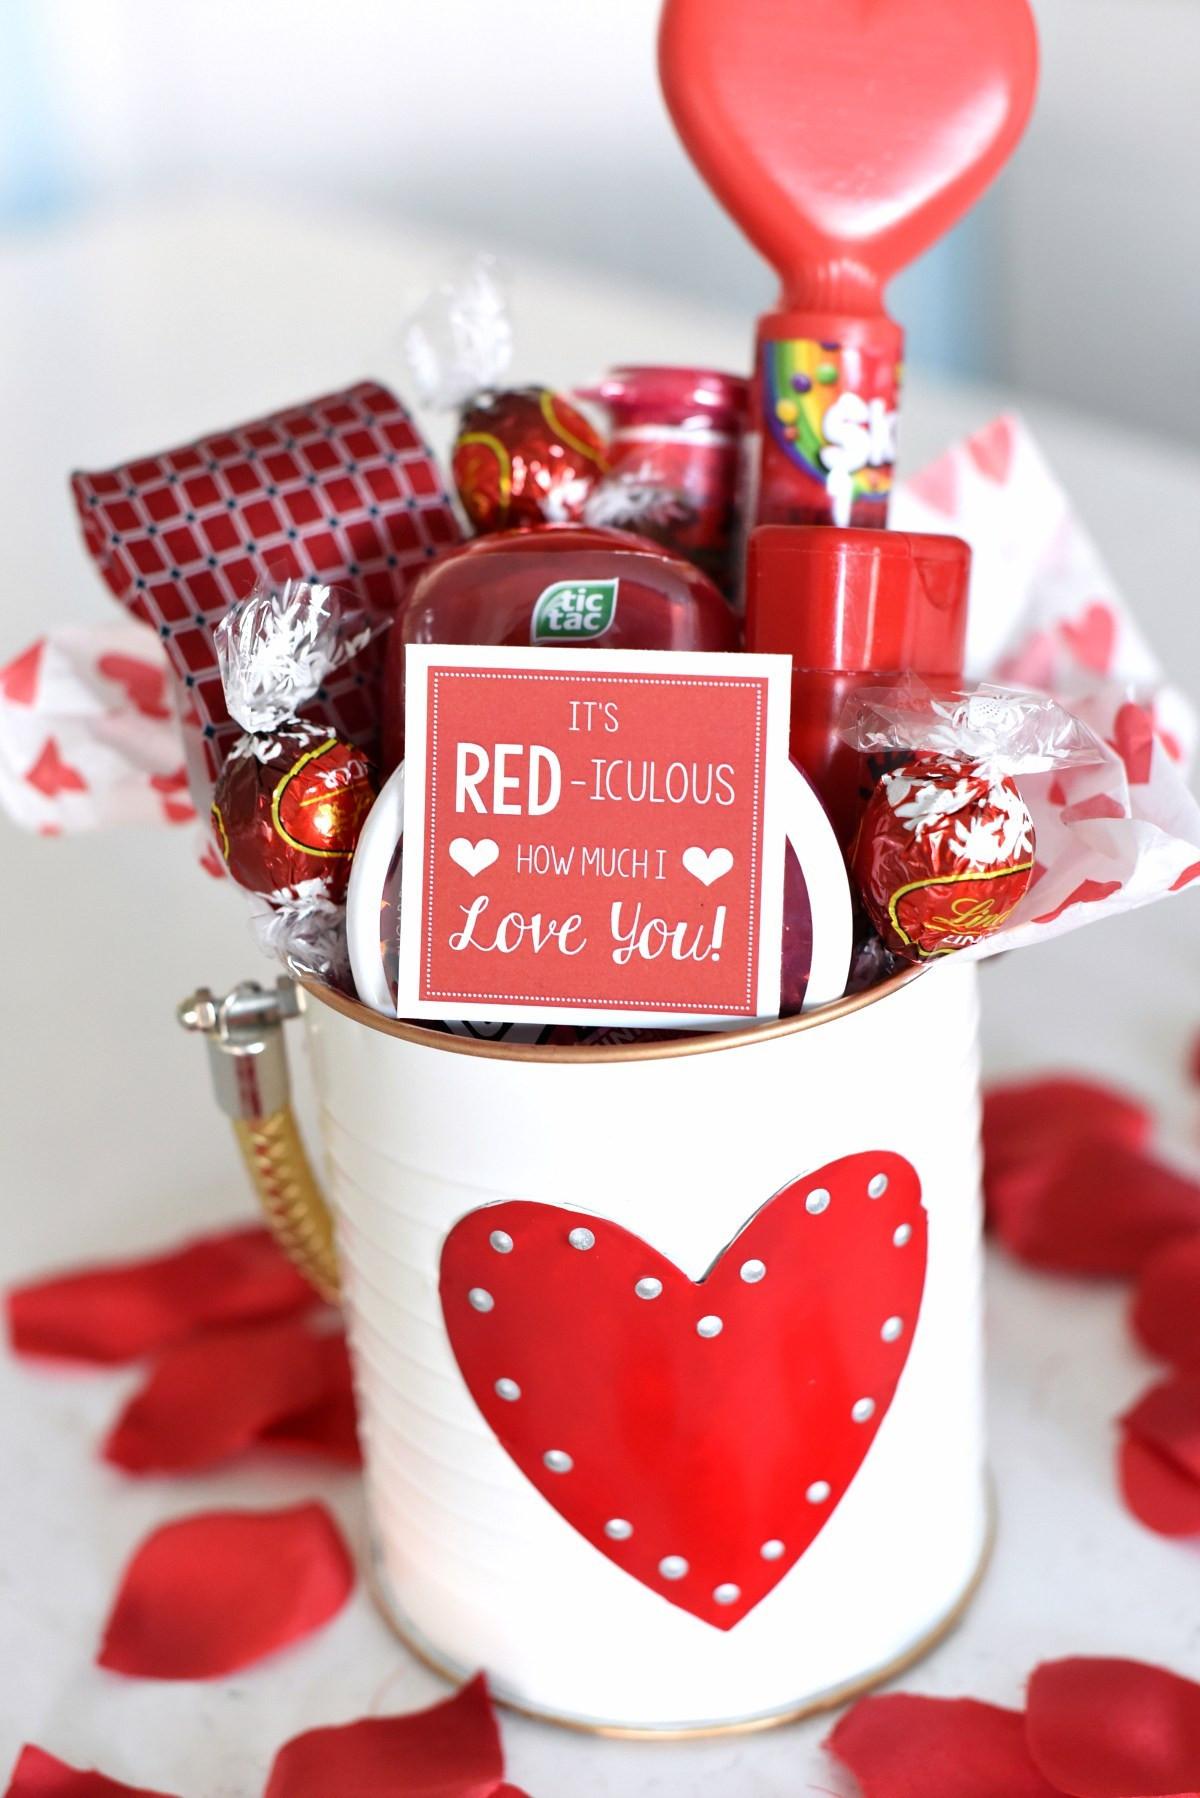 Valentines Day Gift Basket Ideas  25 DIY Valentine s Day Gift Ideas Teens Will Love